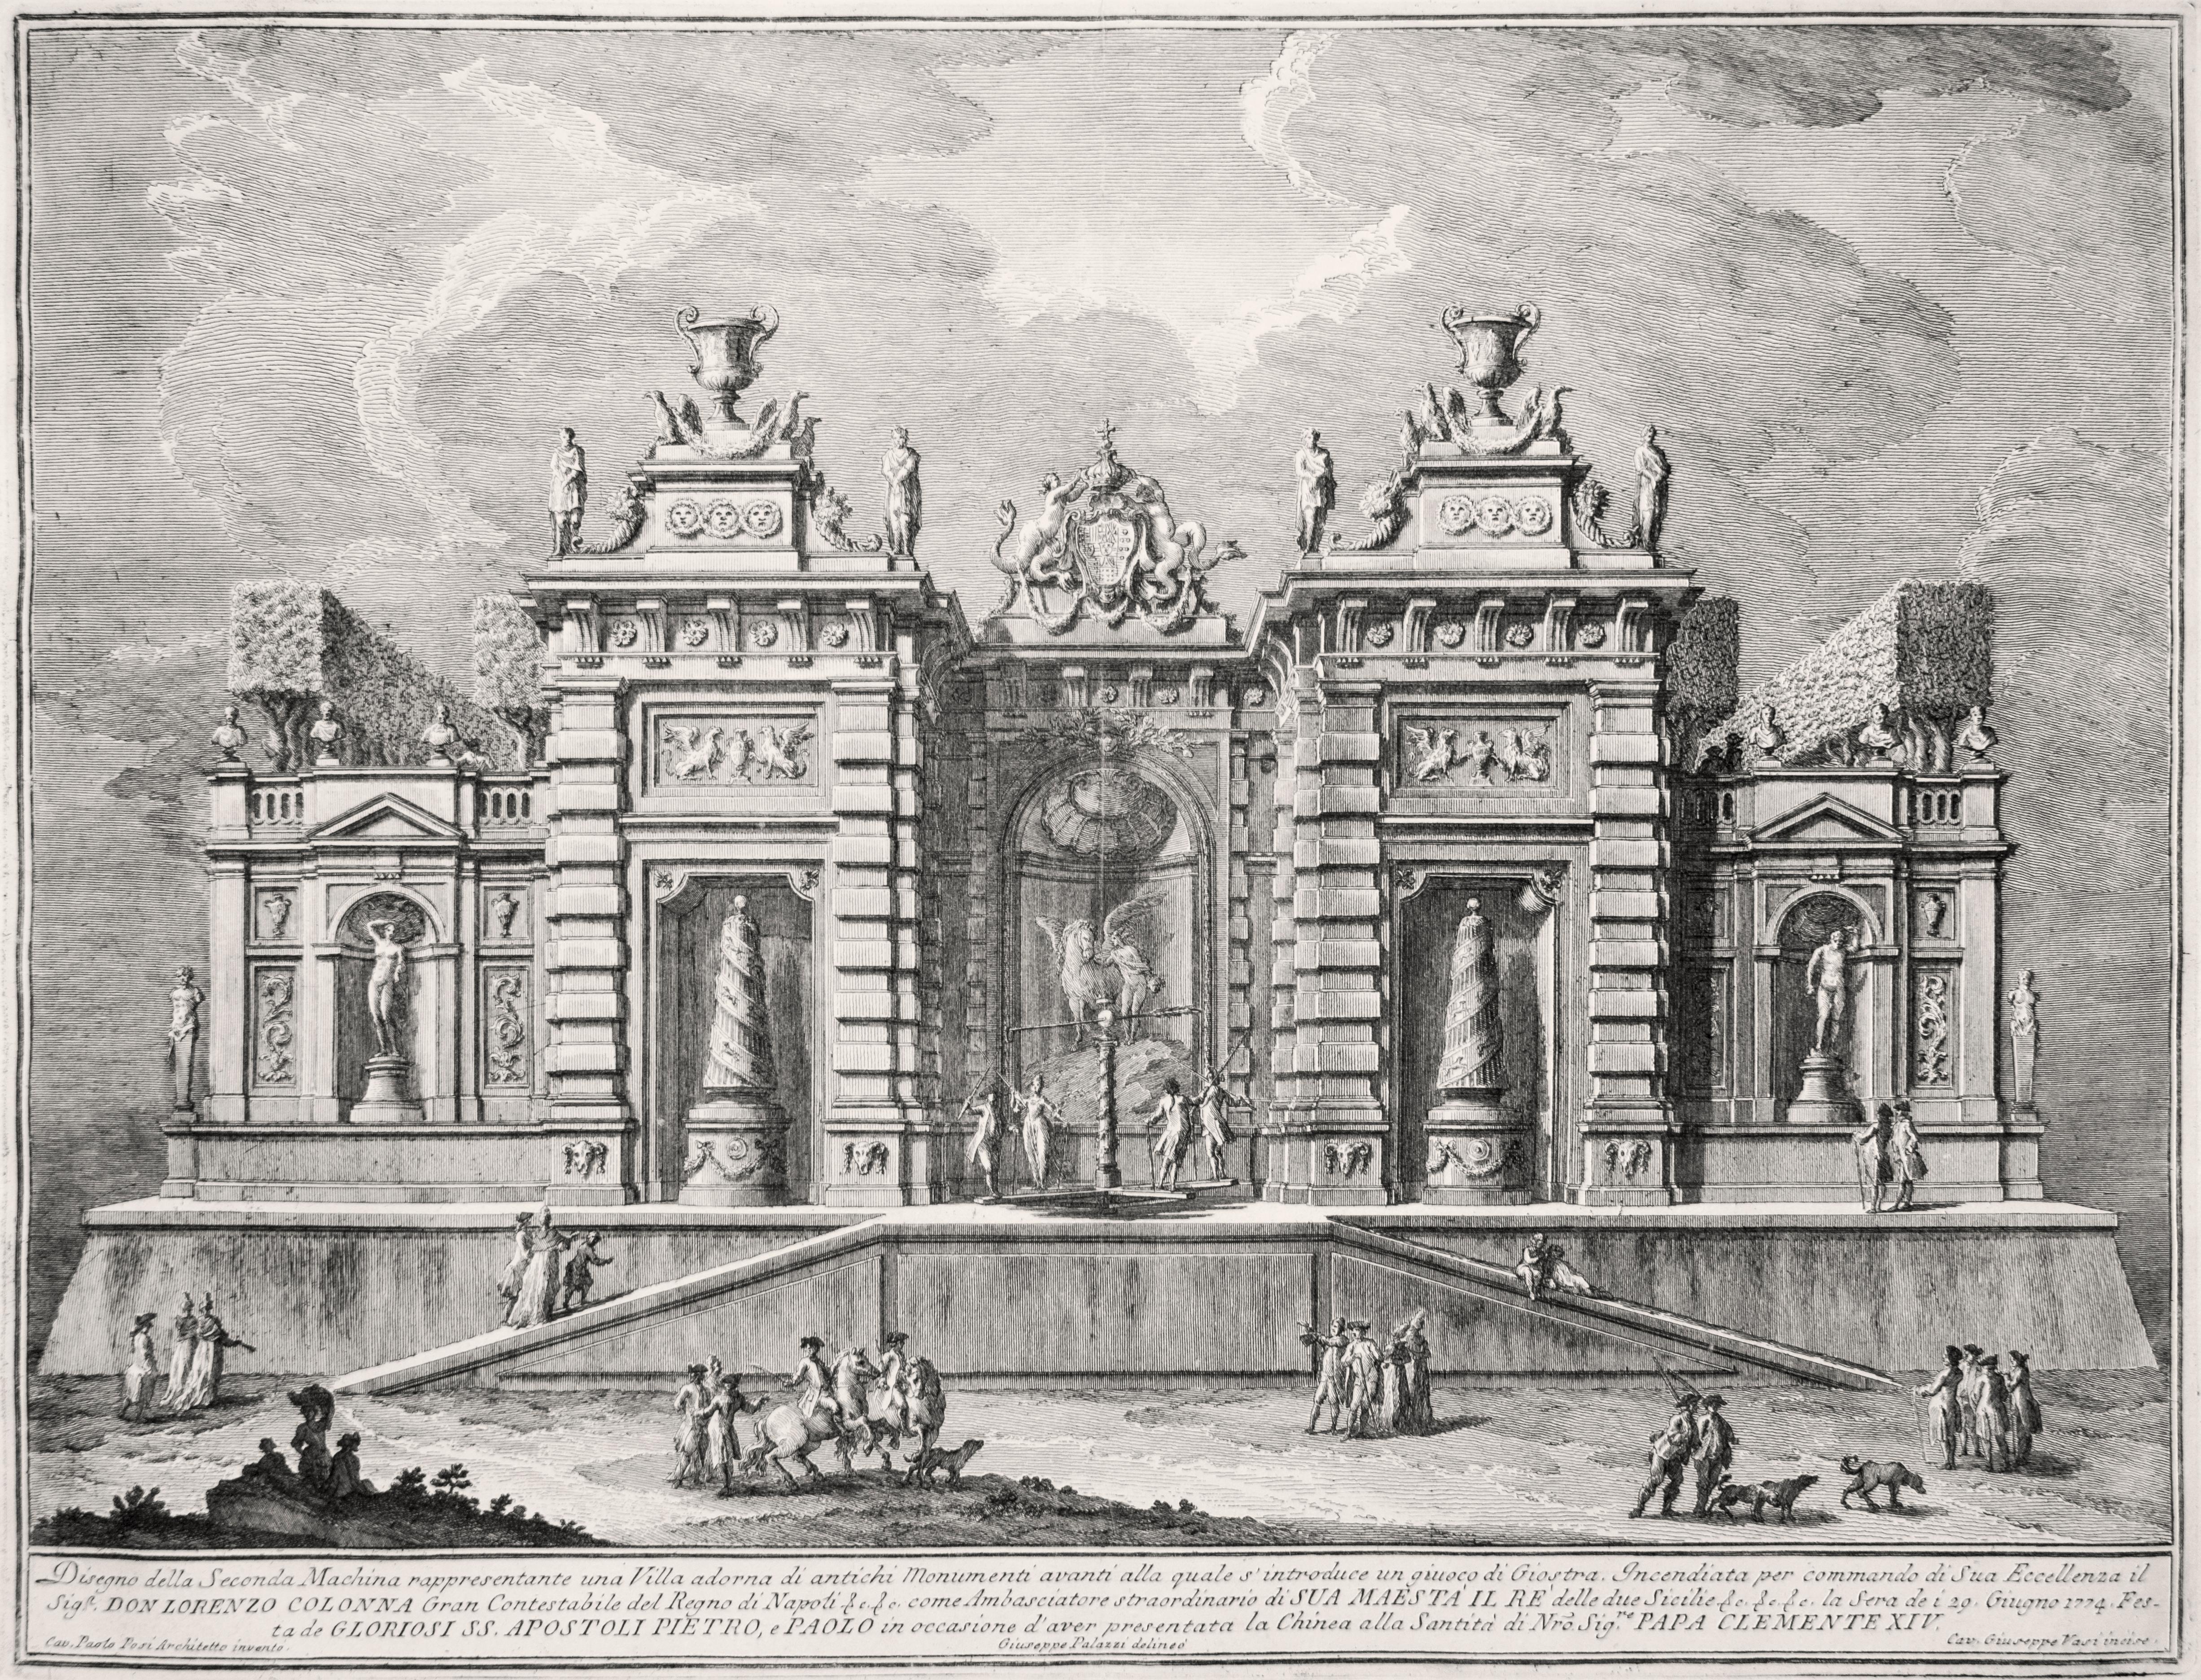 Villa antica con scena di Giostra  - Original Etching by Giuseppe Vasi - 1774